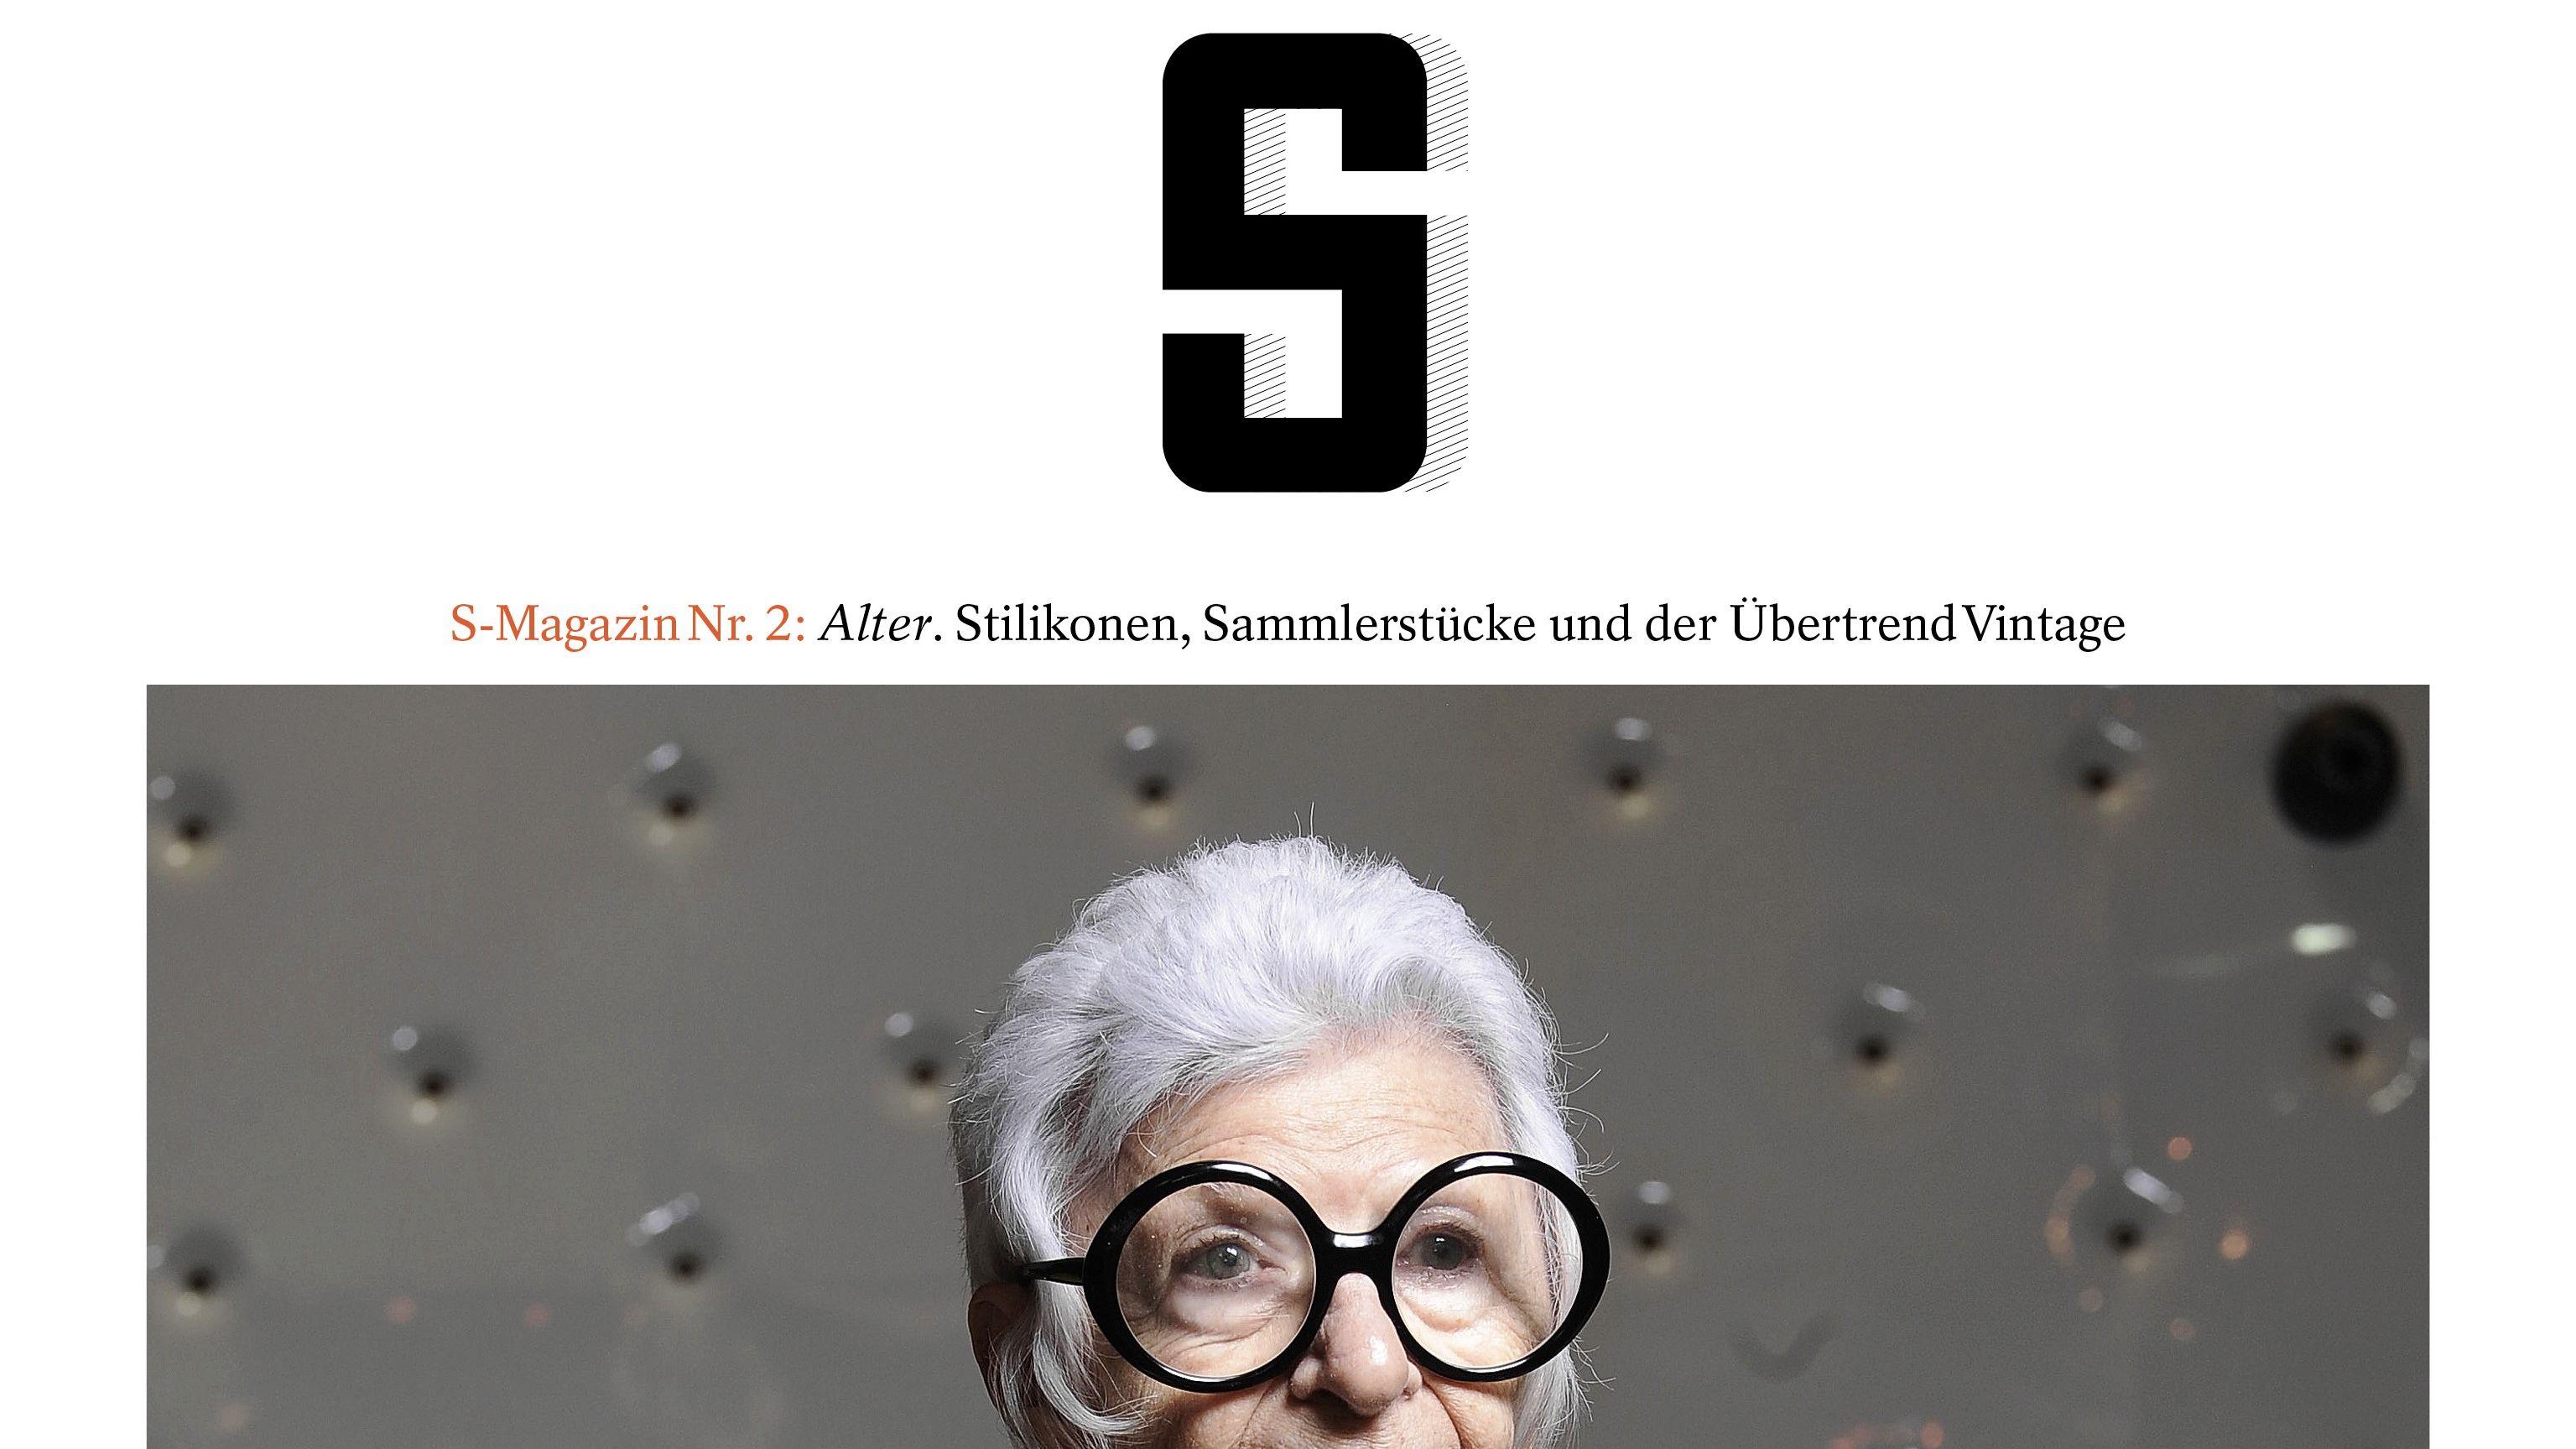 S magazin spiegel startet neues lifestyle supplement for Spiegel nachrichtenmagazin